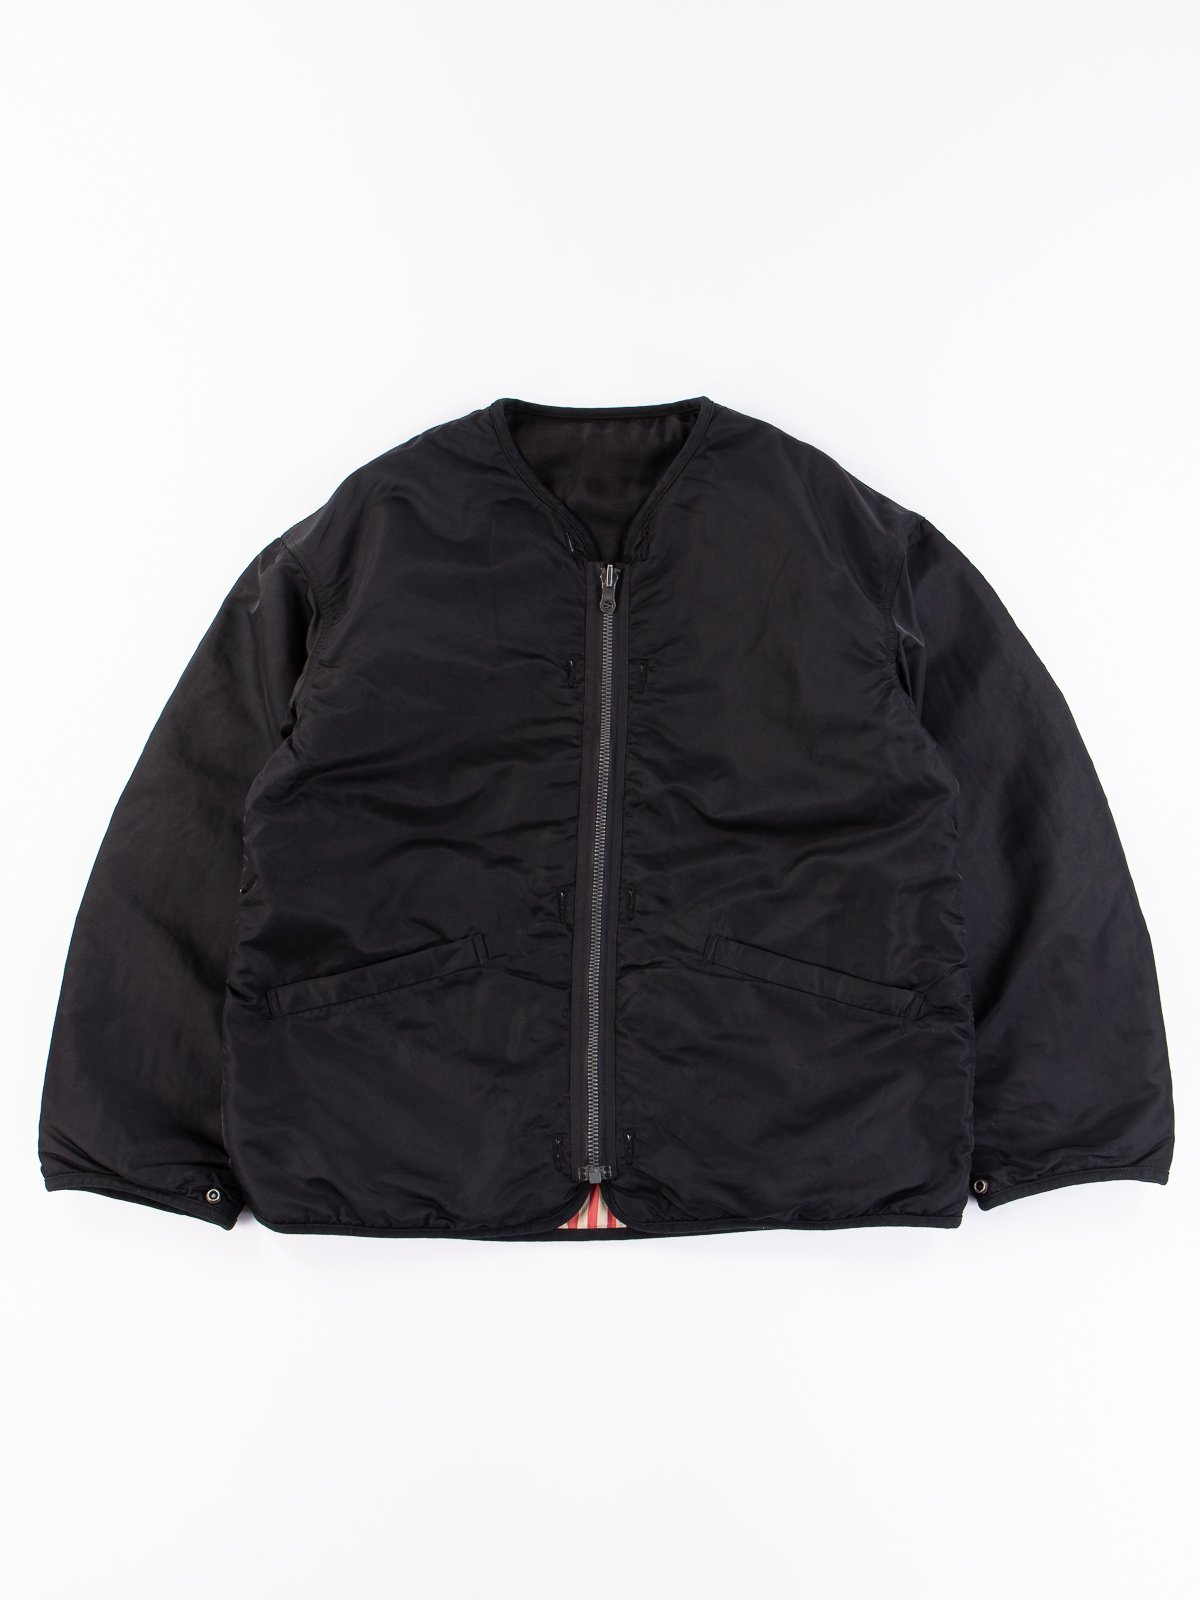 Black Iris Liner Jacket - Image 1